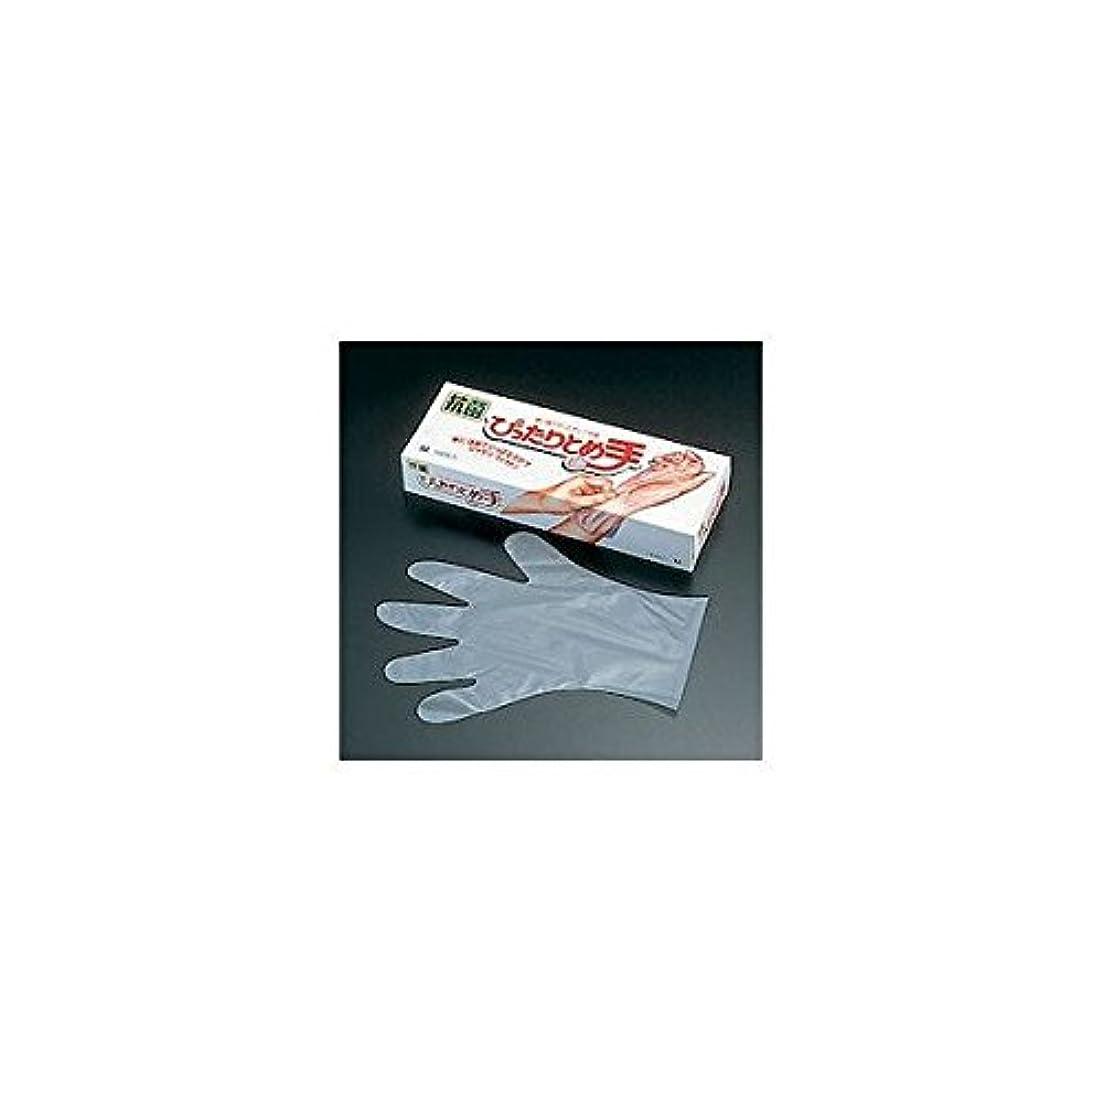 リケンファブロ 手袋 抗菌ぴったりとめ手 S (100枚入) STB431